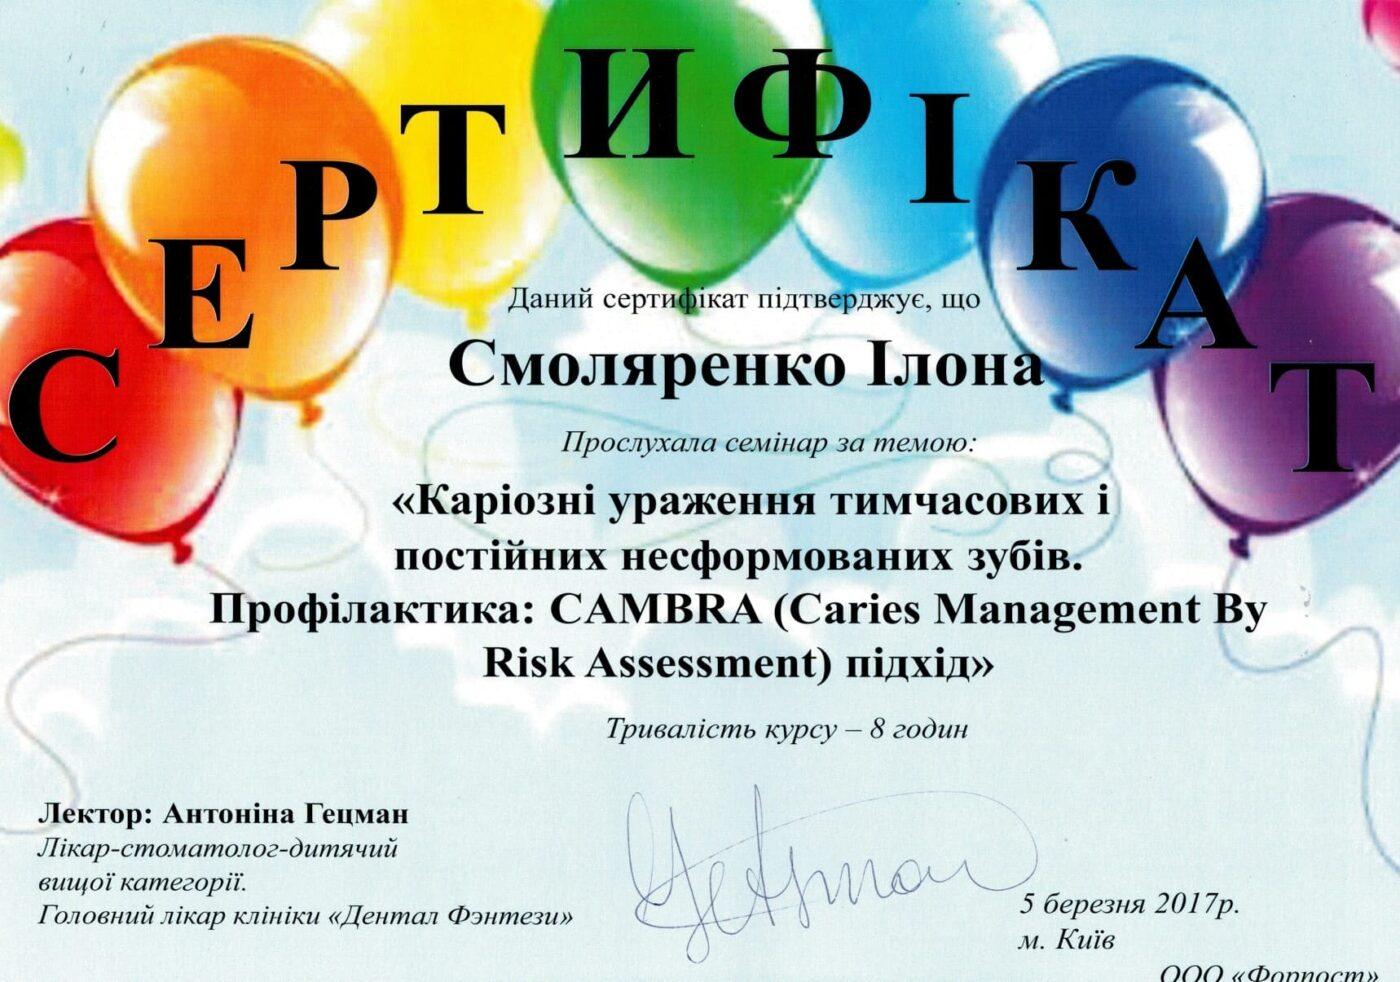 Сертификат подтверждающий участие Илоны Смоляренко в семинаре - кариозные повреждения постоянных и временных зубов